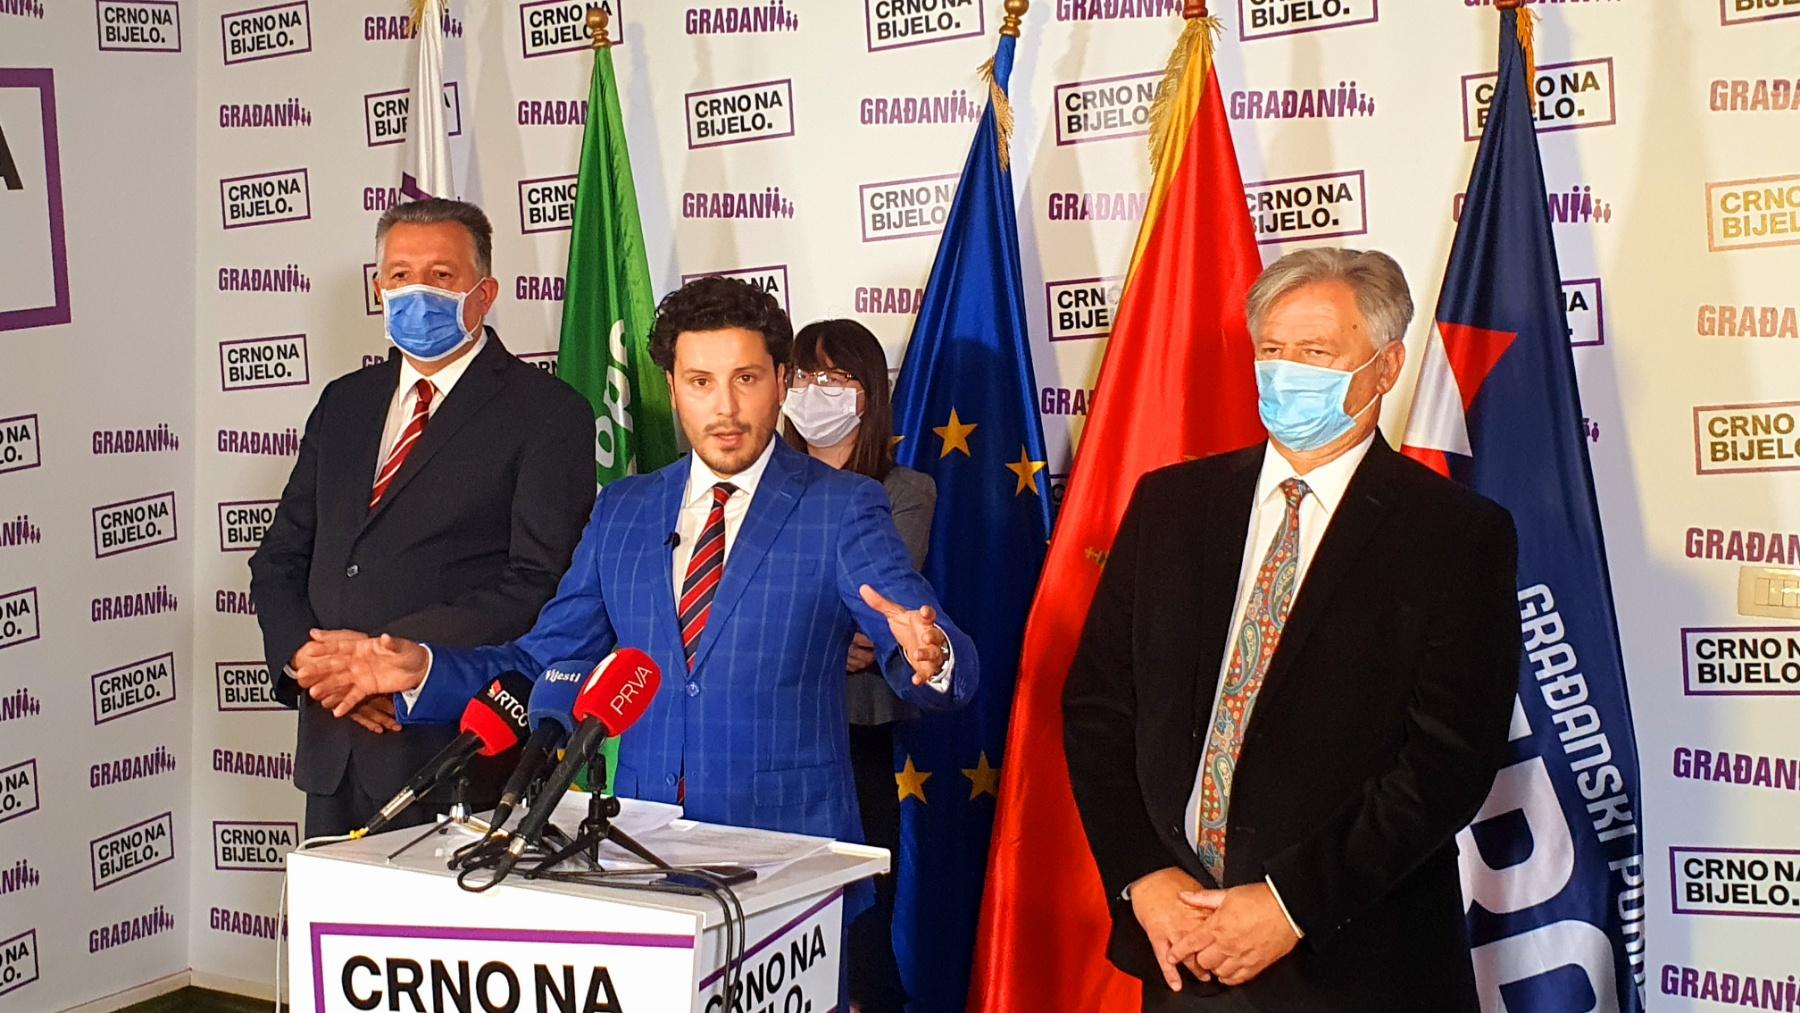 """Photo of PREDALI LISTU: Platforma """"Crno na bijelo"""" je Crna Gora u malom"""